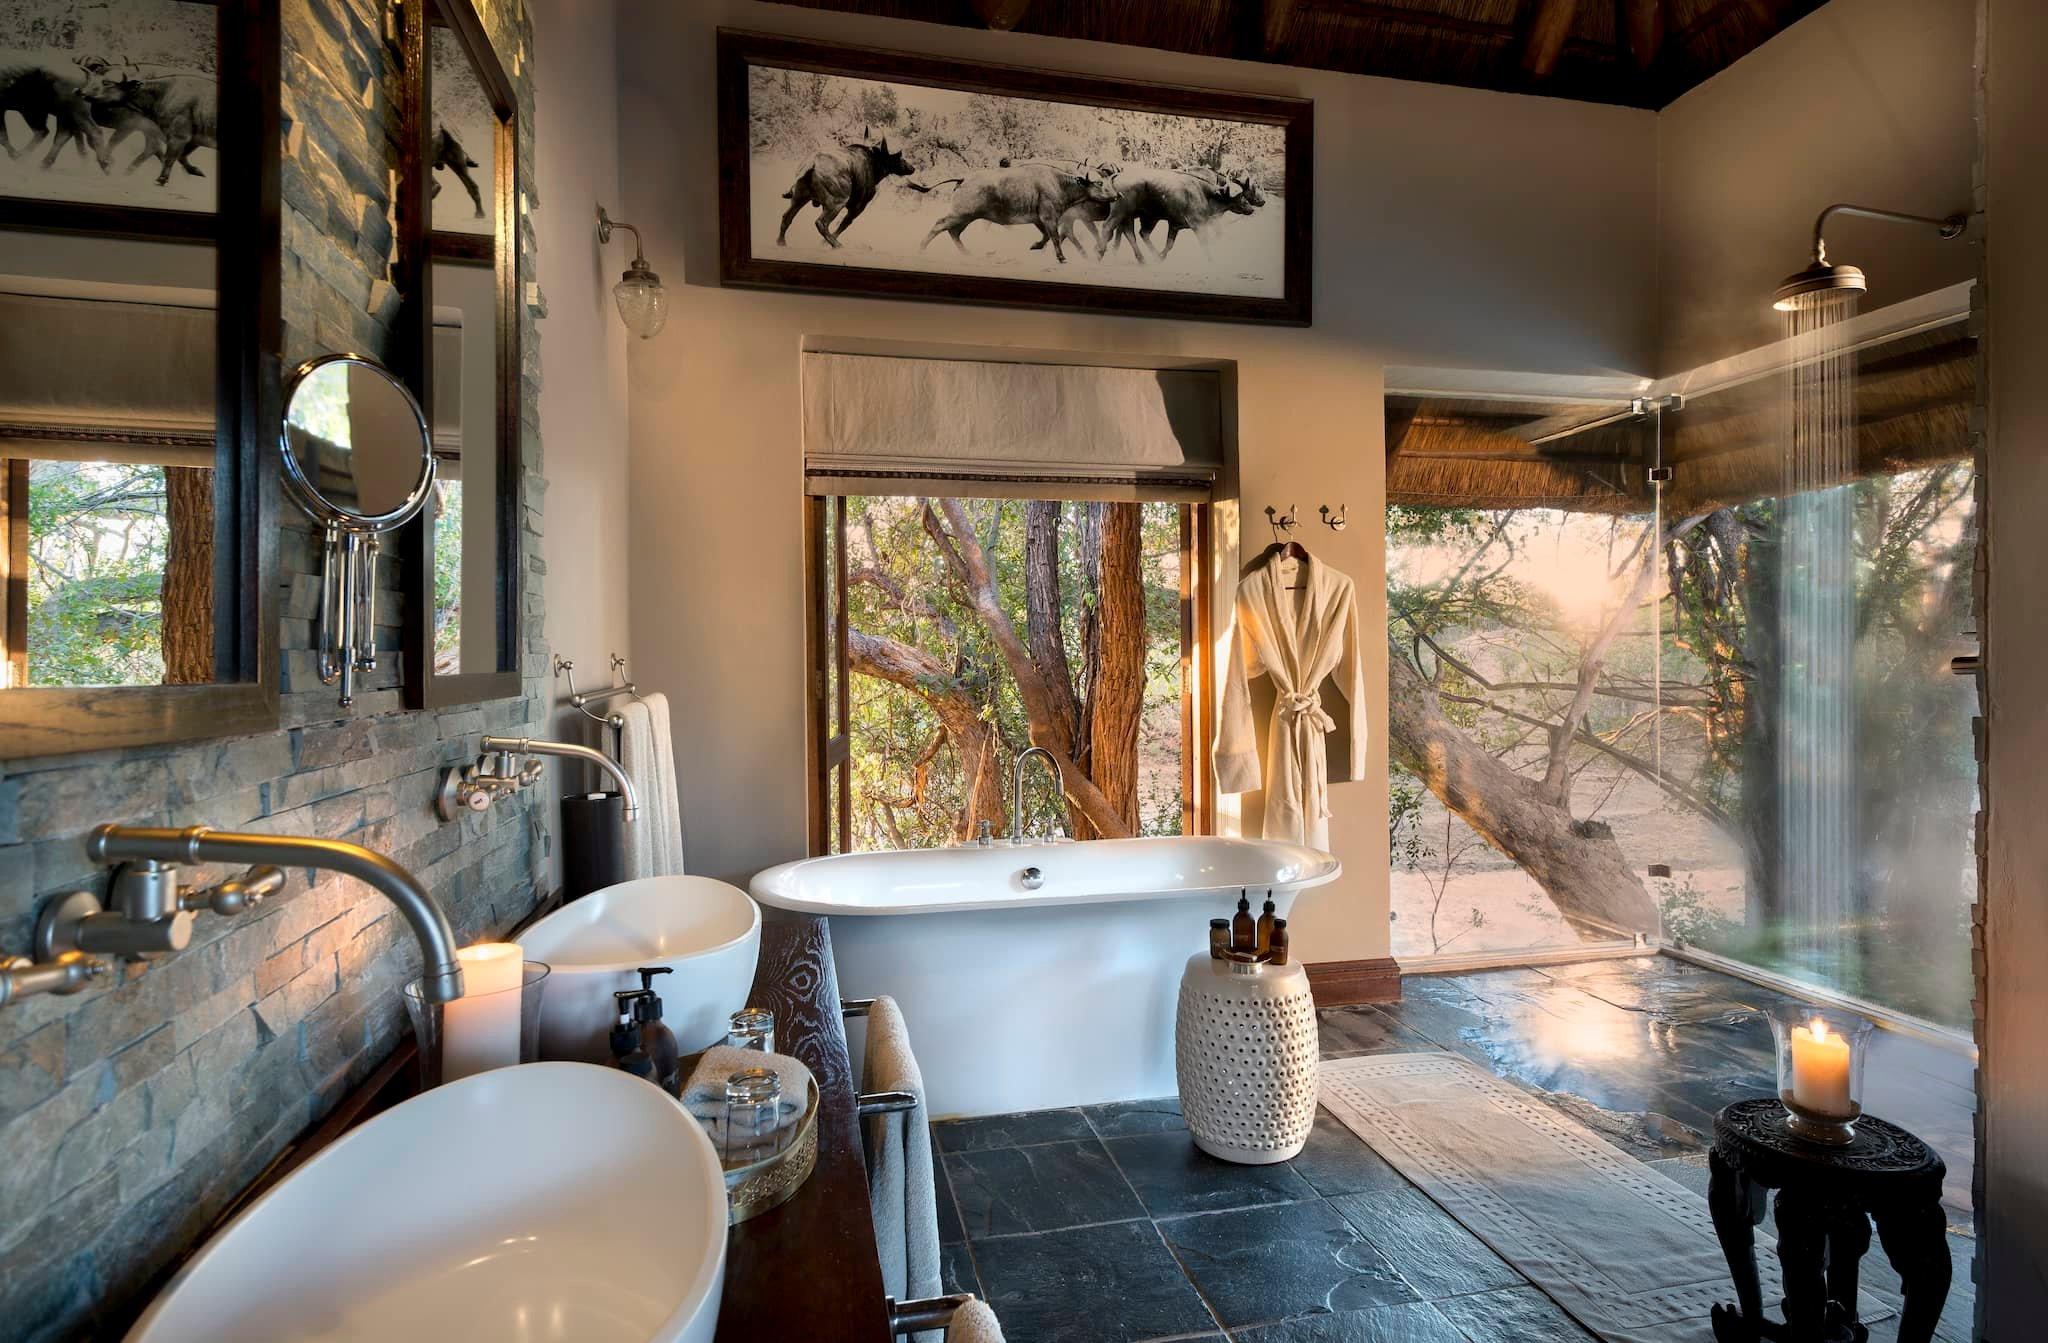 andBeyond-ngala-safari-lodge-interior-family-suite-bathroom-01.jpeg